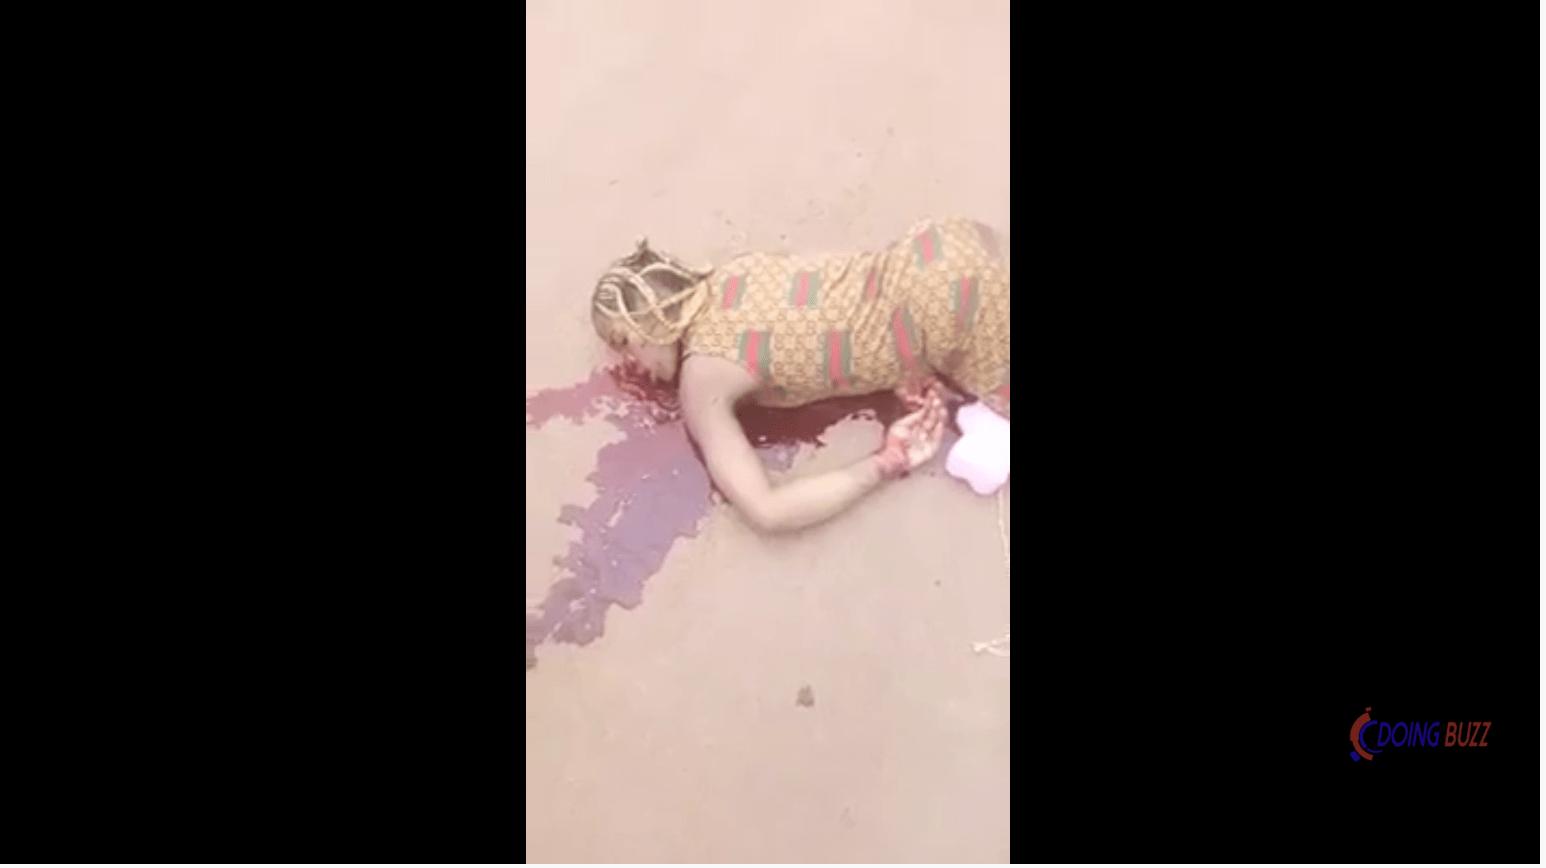 Un nigérian égorge sa petit-amie pour avoir dansé avec d'autres hommes (video)